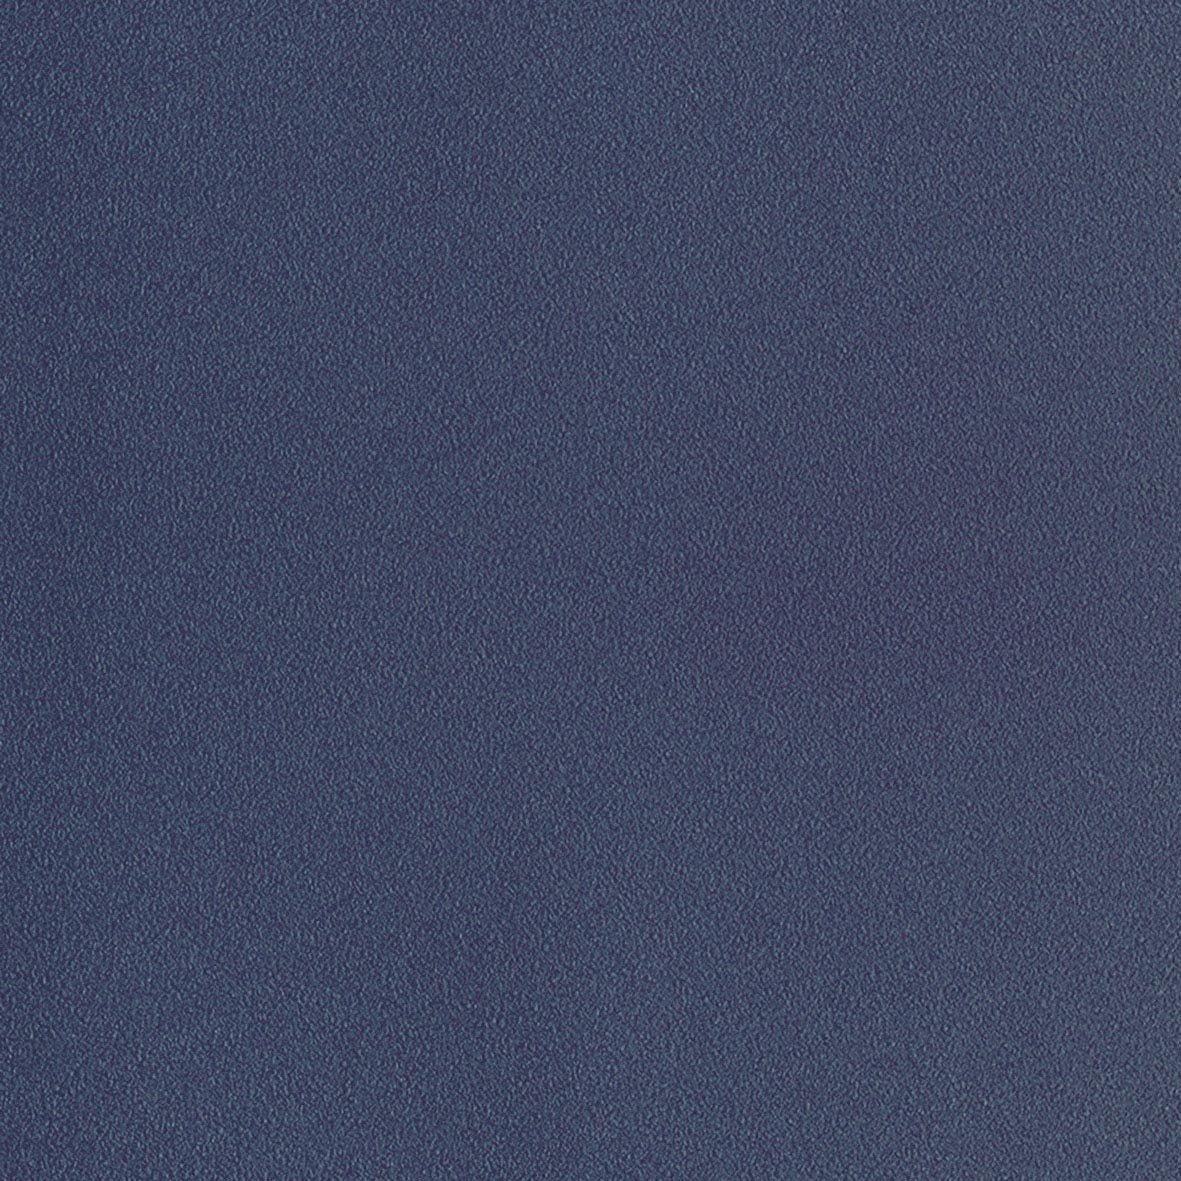 リリカラ 壁紙45m シンフル 石目調 ネイビー スーパー強化+汚れ防止 LW-2317 B07611K34X 45m|ネイビー